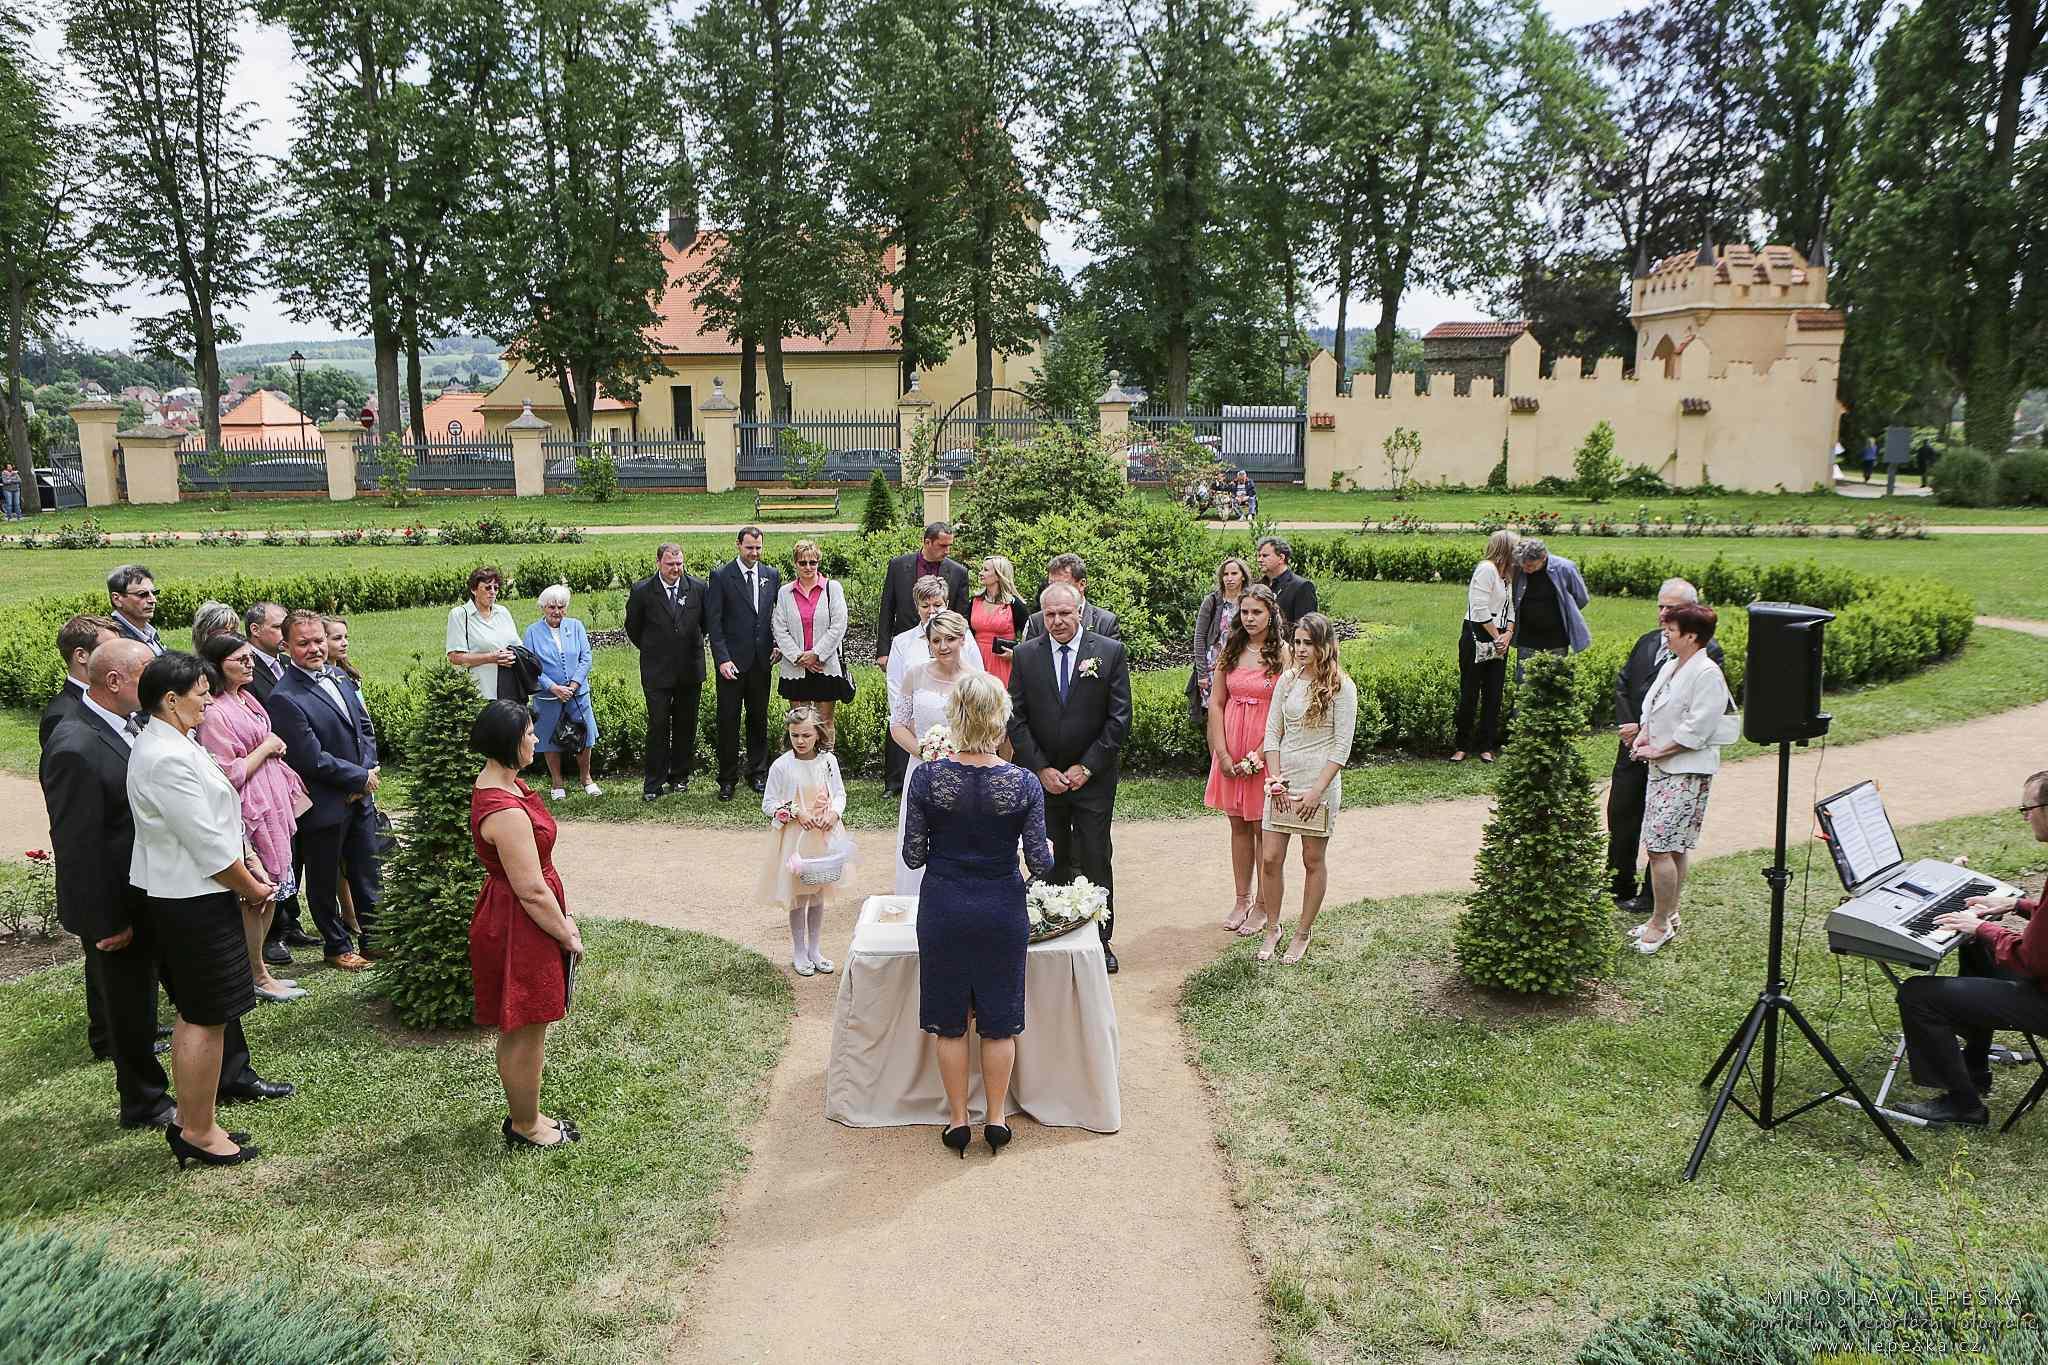 svatba Zámek Zruč nad Sázavou